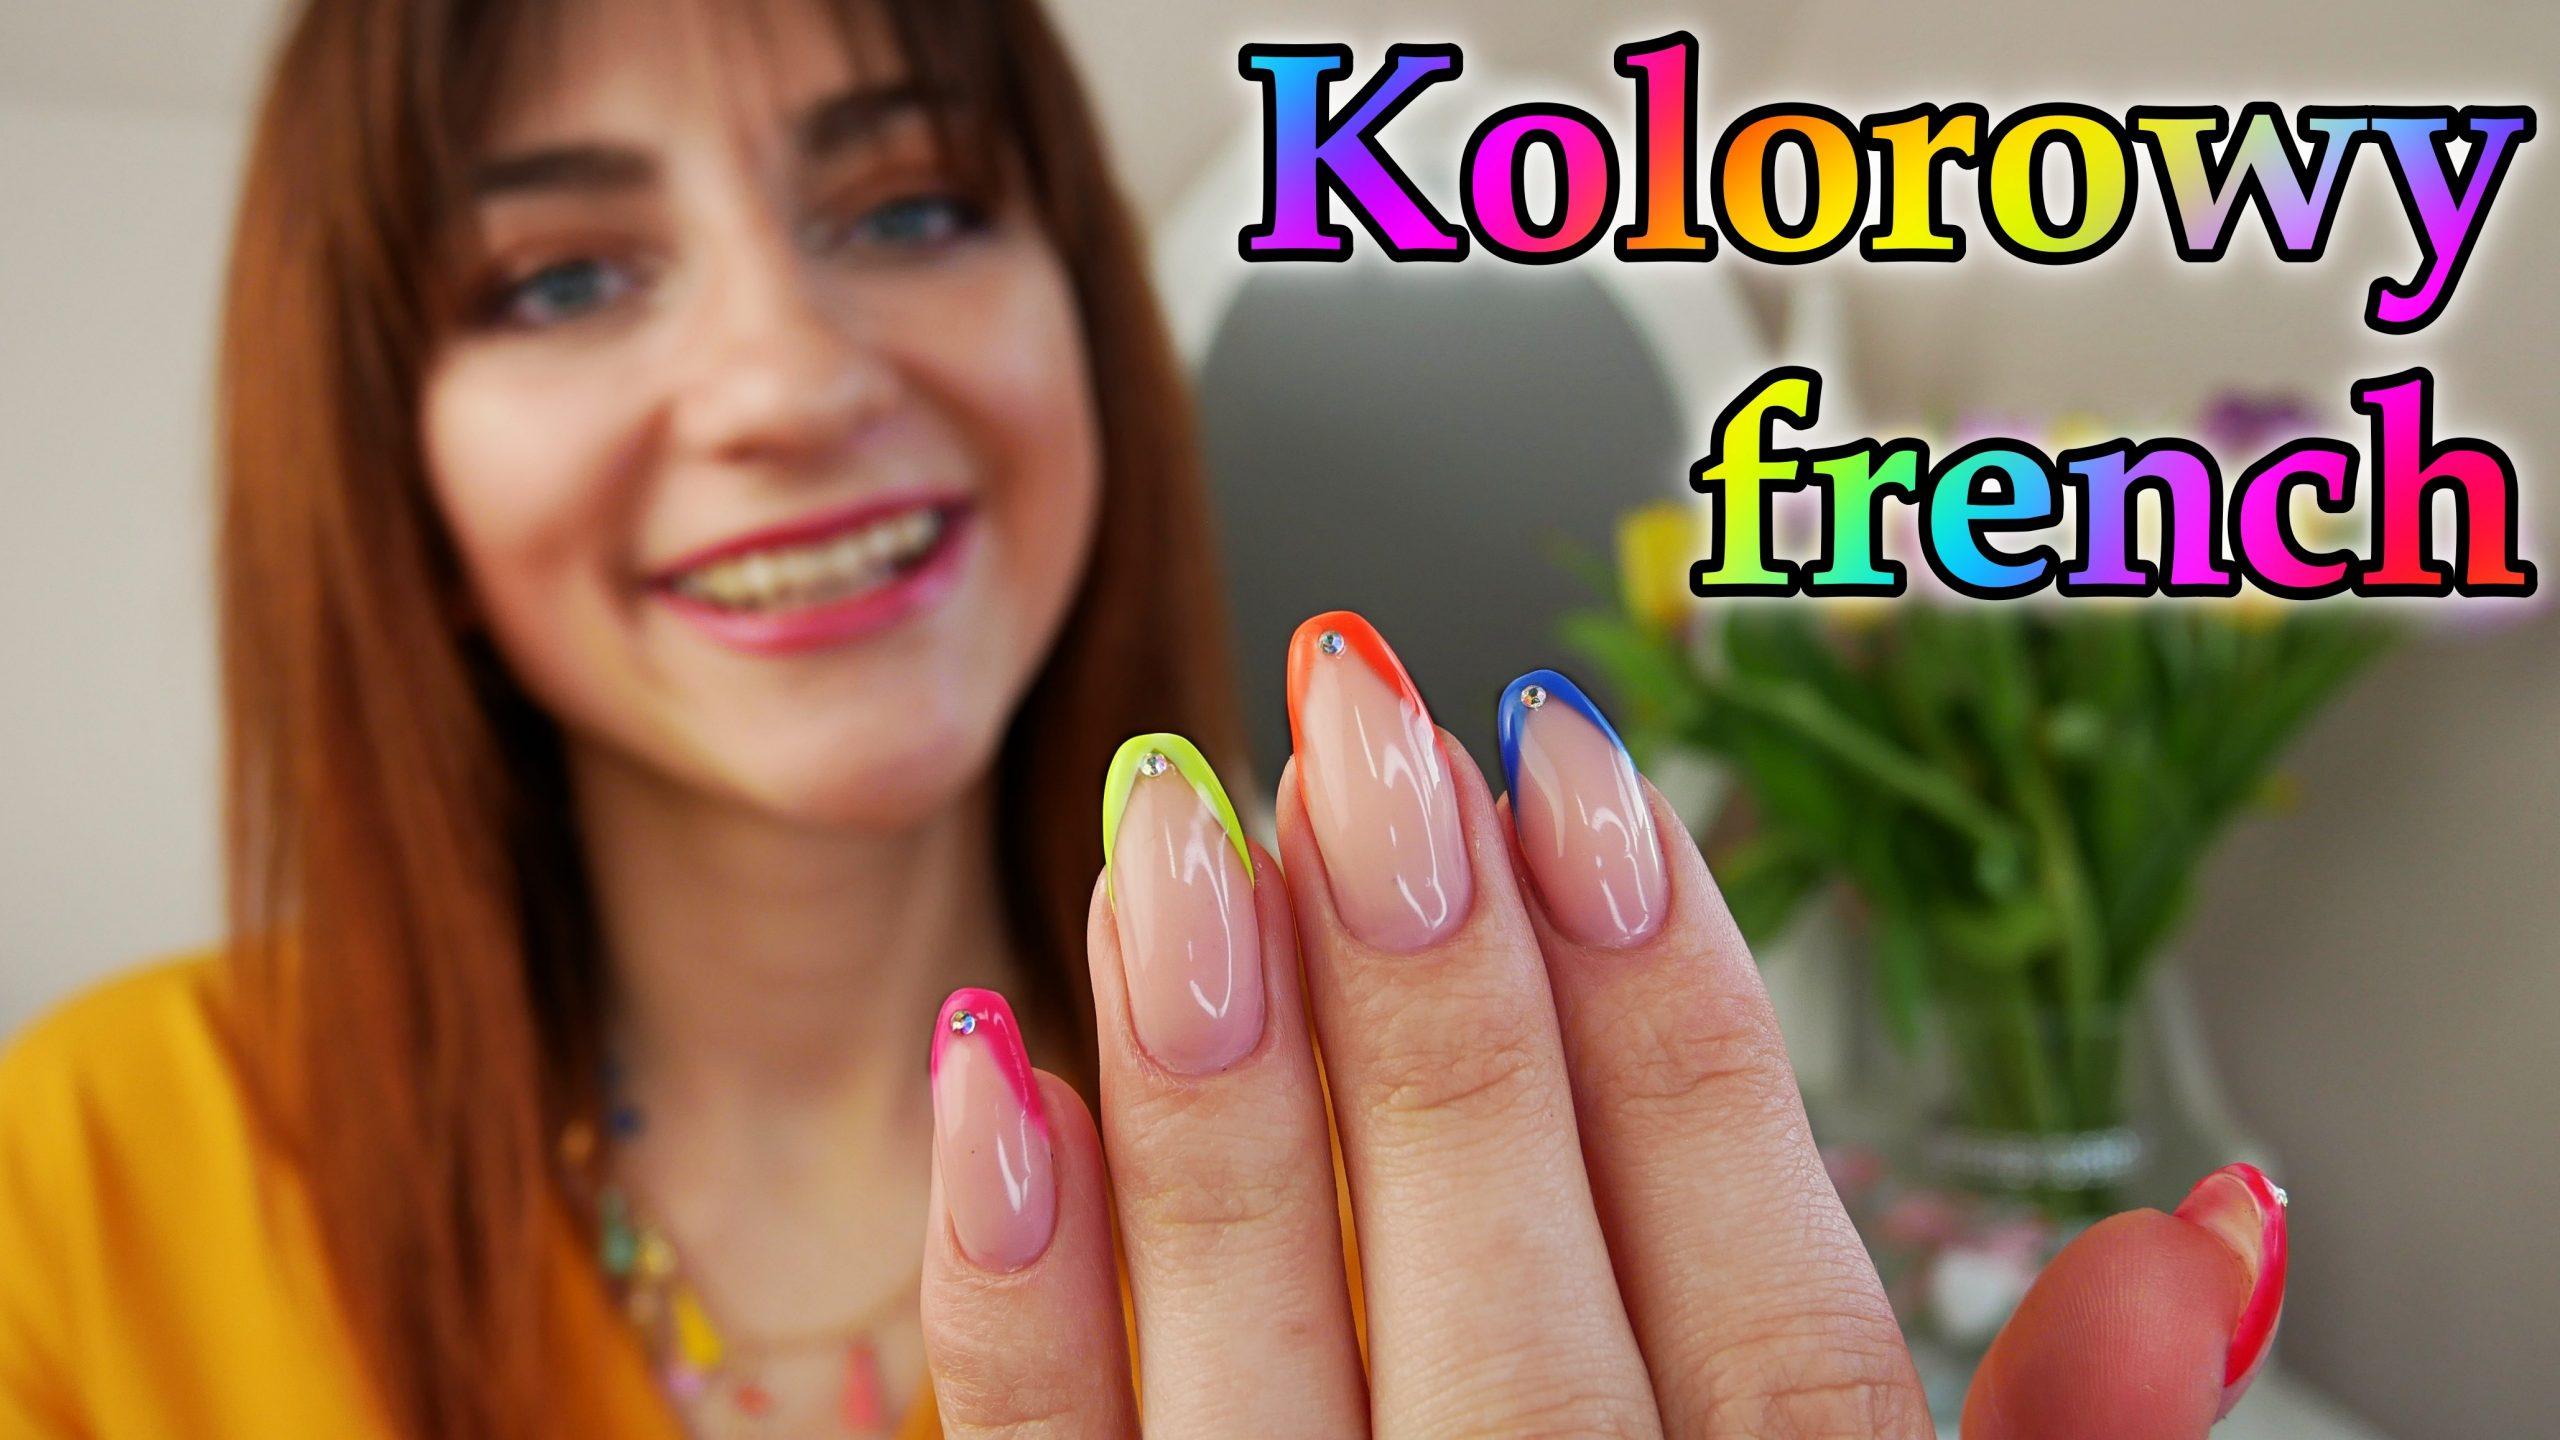 Kolorowy-francuski-colorful-french-Lakierowniczka-kolorowe-paznokcie-na-wiosne-color-nails